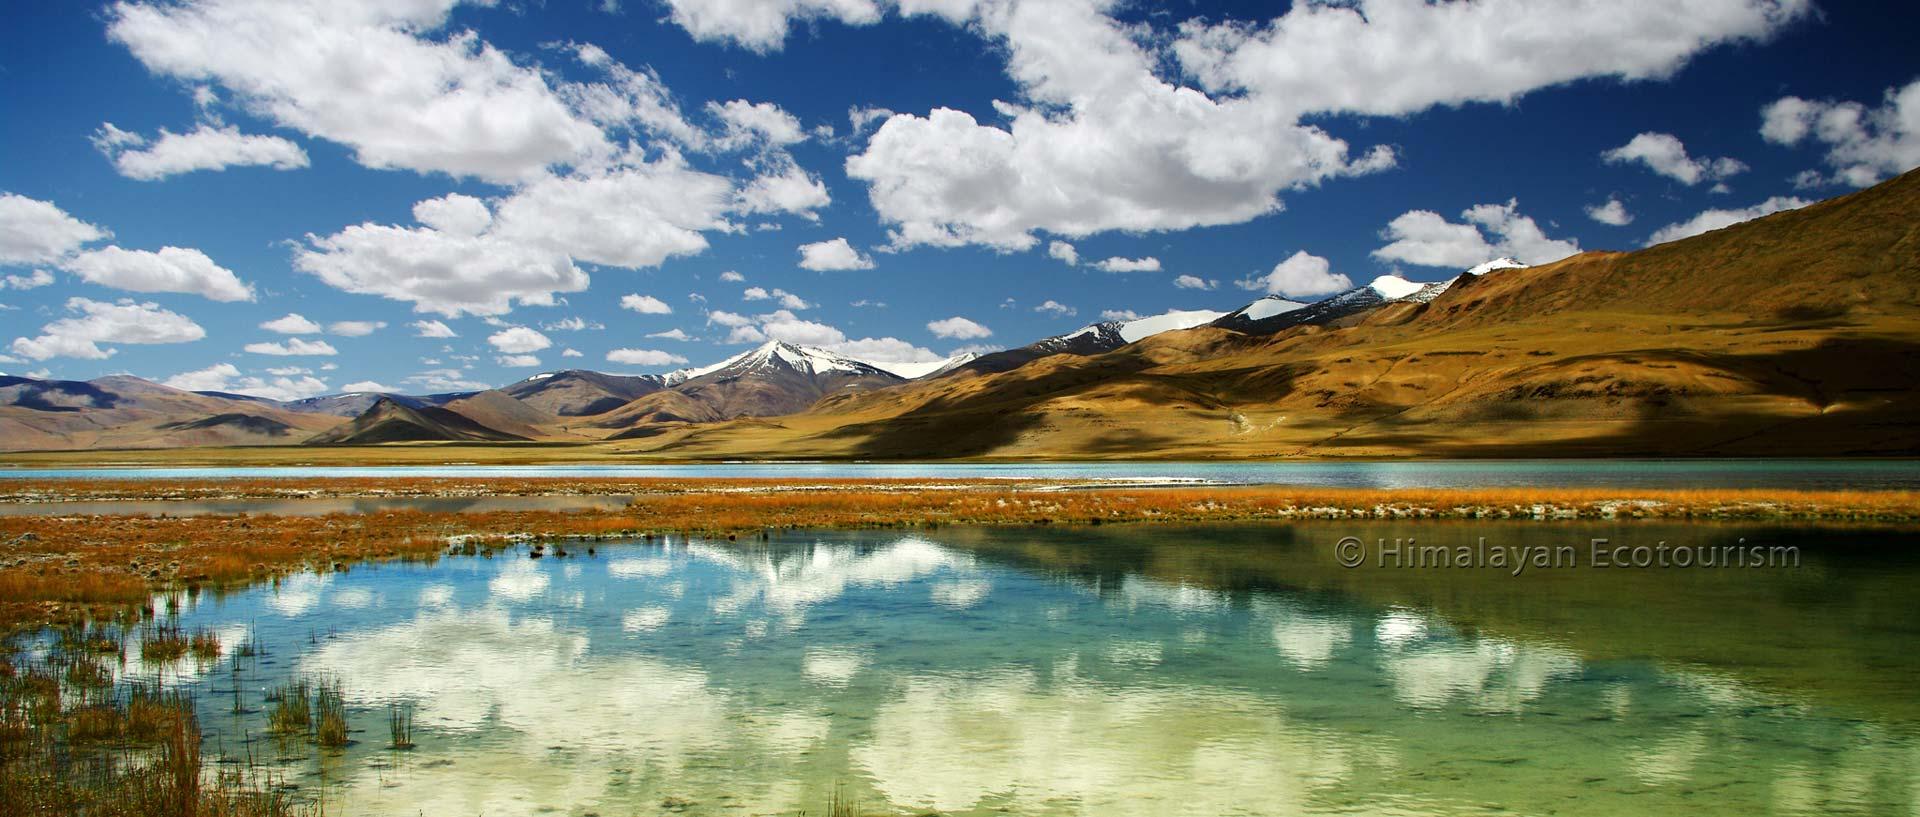 Le lac Tso Kar, Ladakh